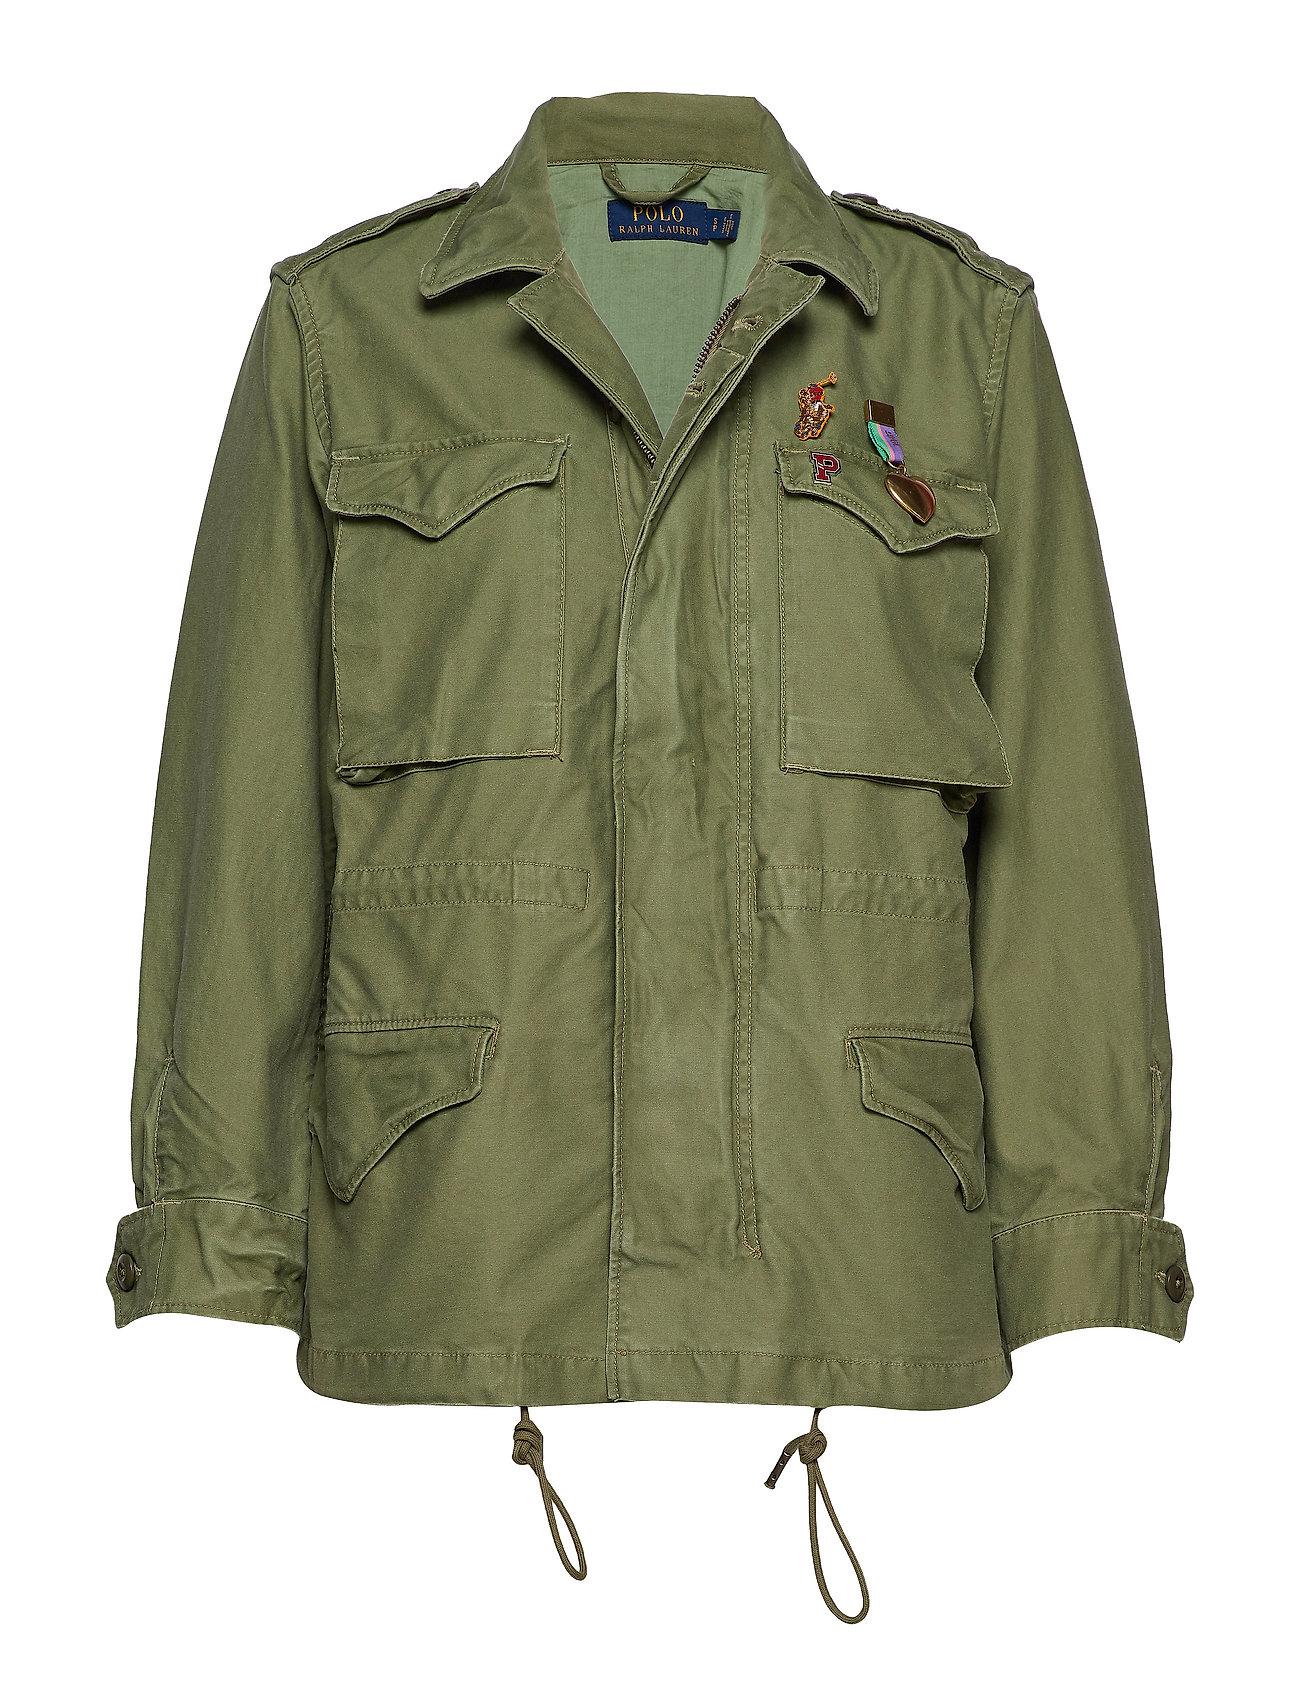 neue Produkte für Neuankömmlinge Wählen Sie für offizielle Cotton Twill Military Jacket